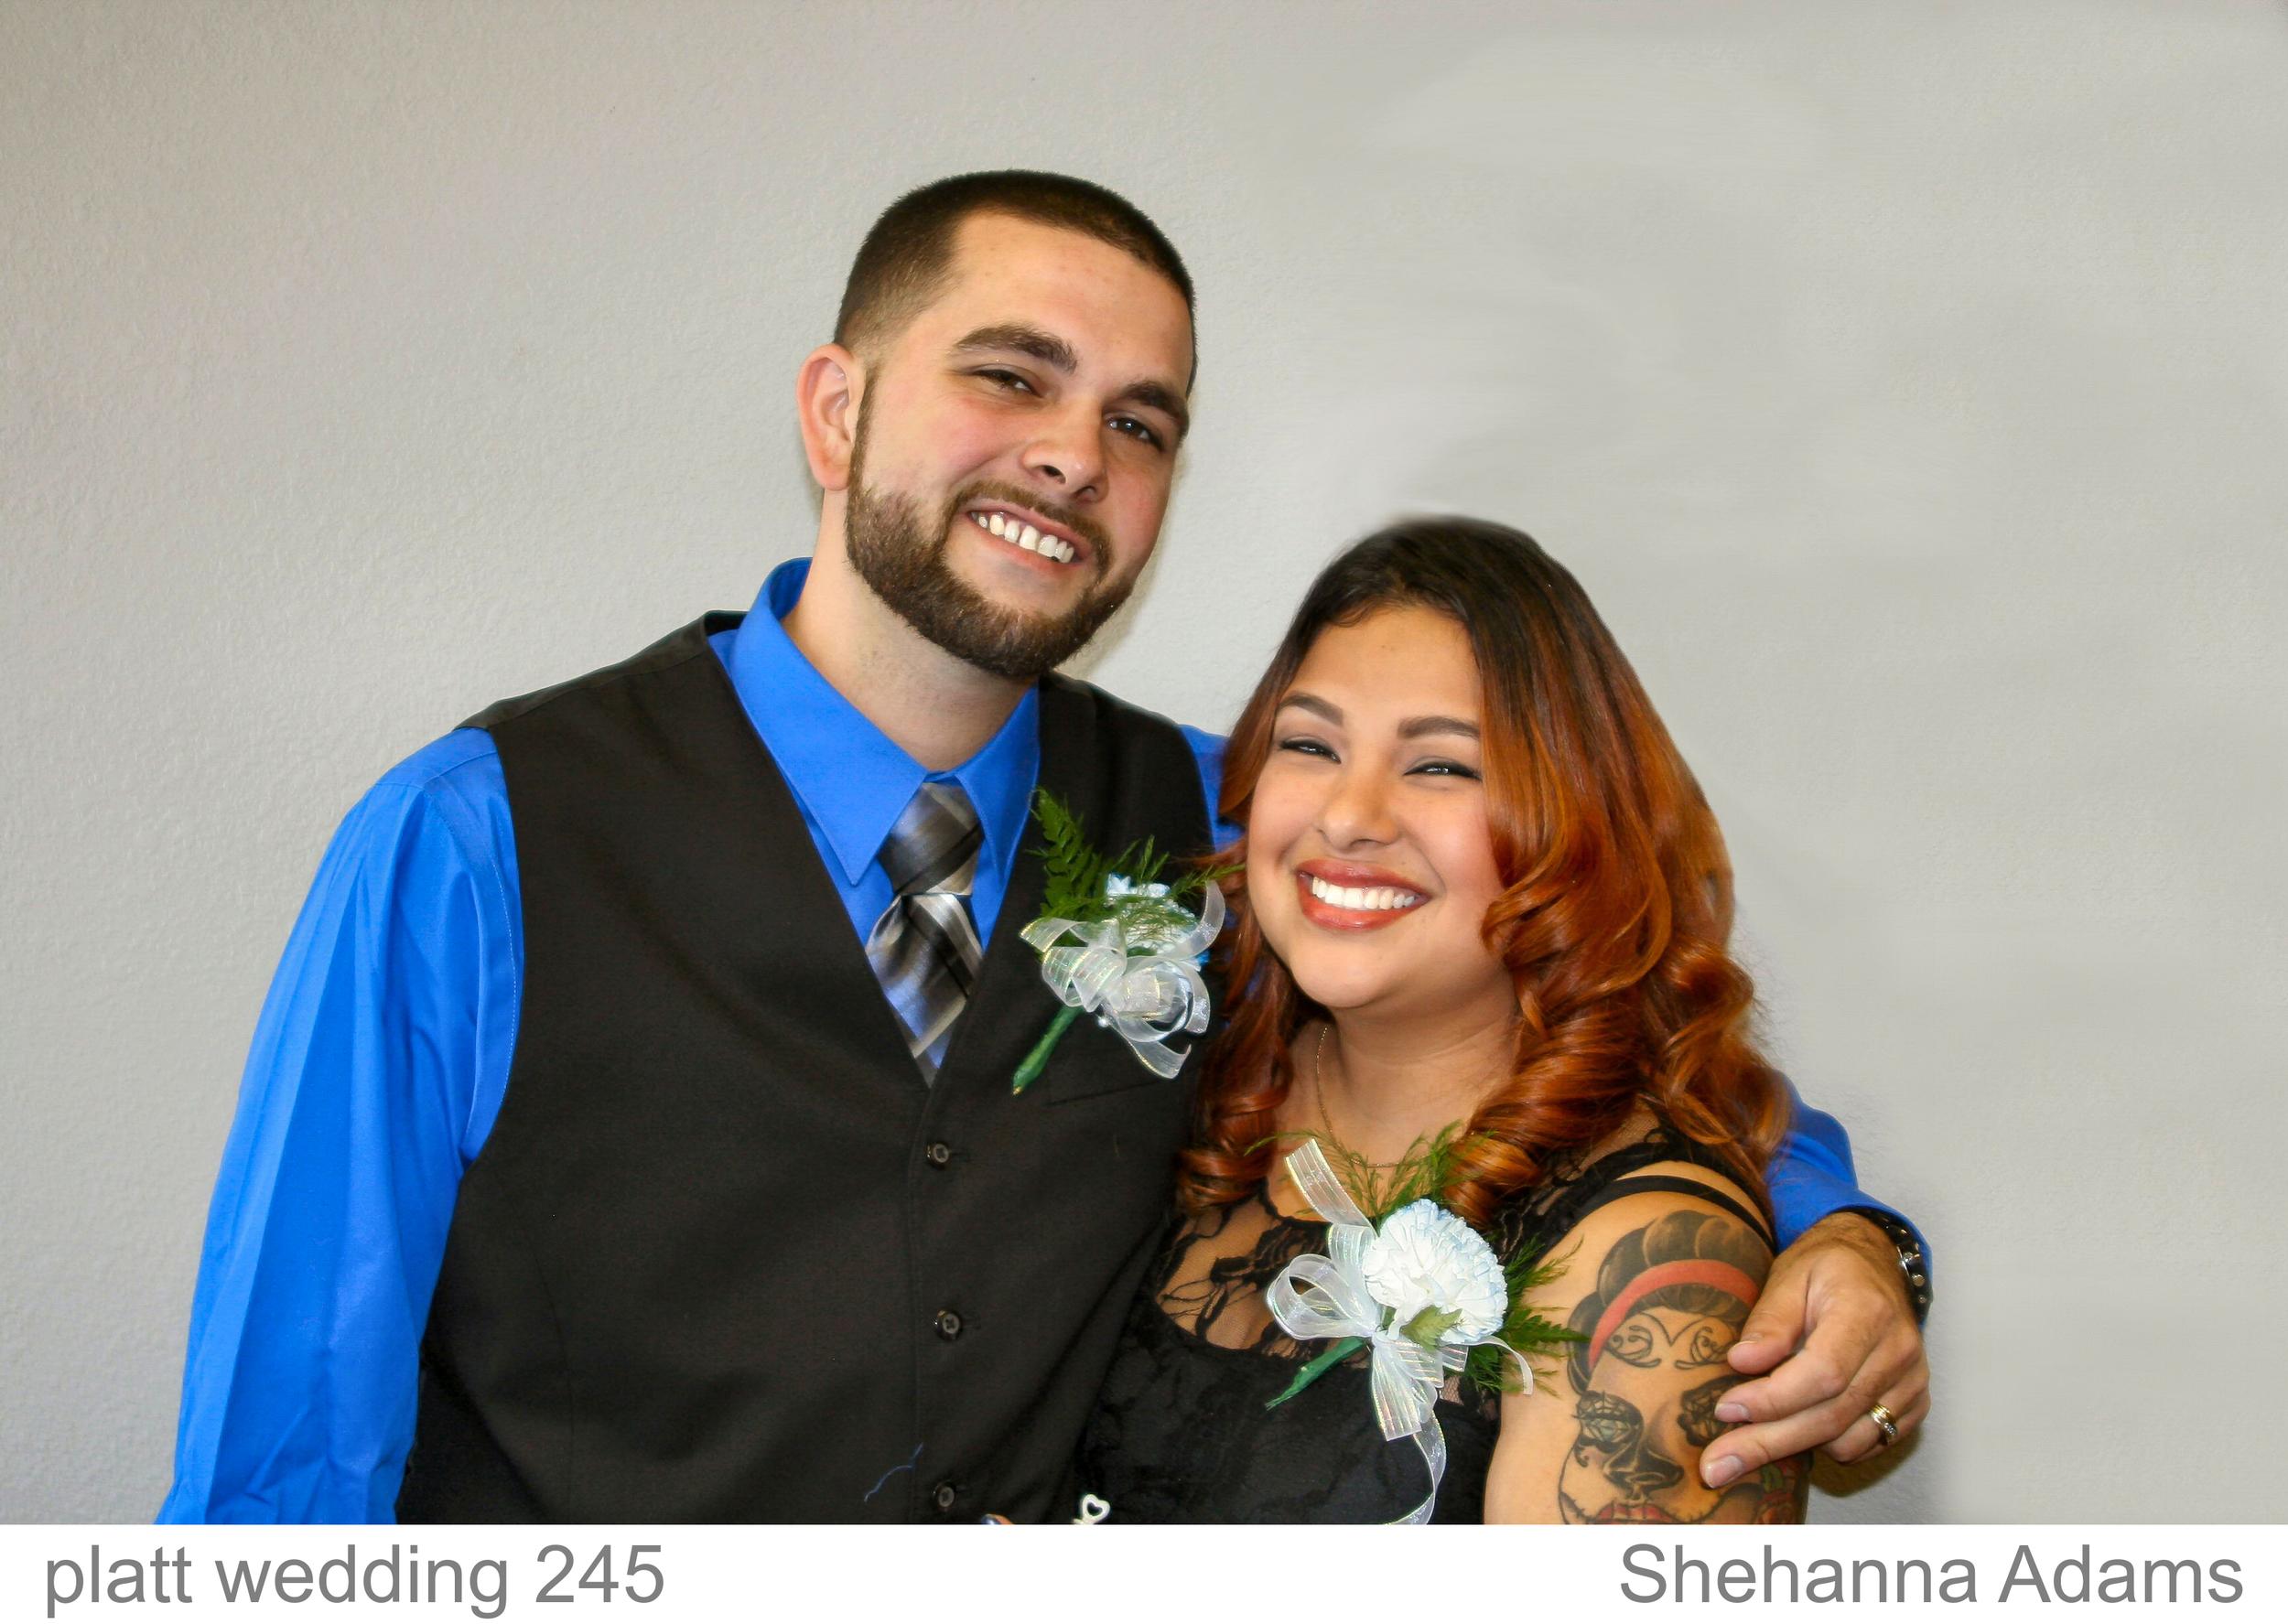 platt wedding 245.jpg